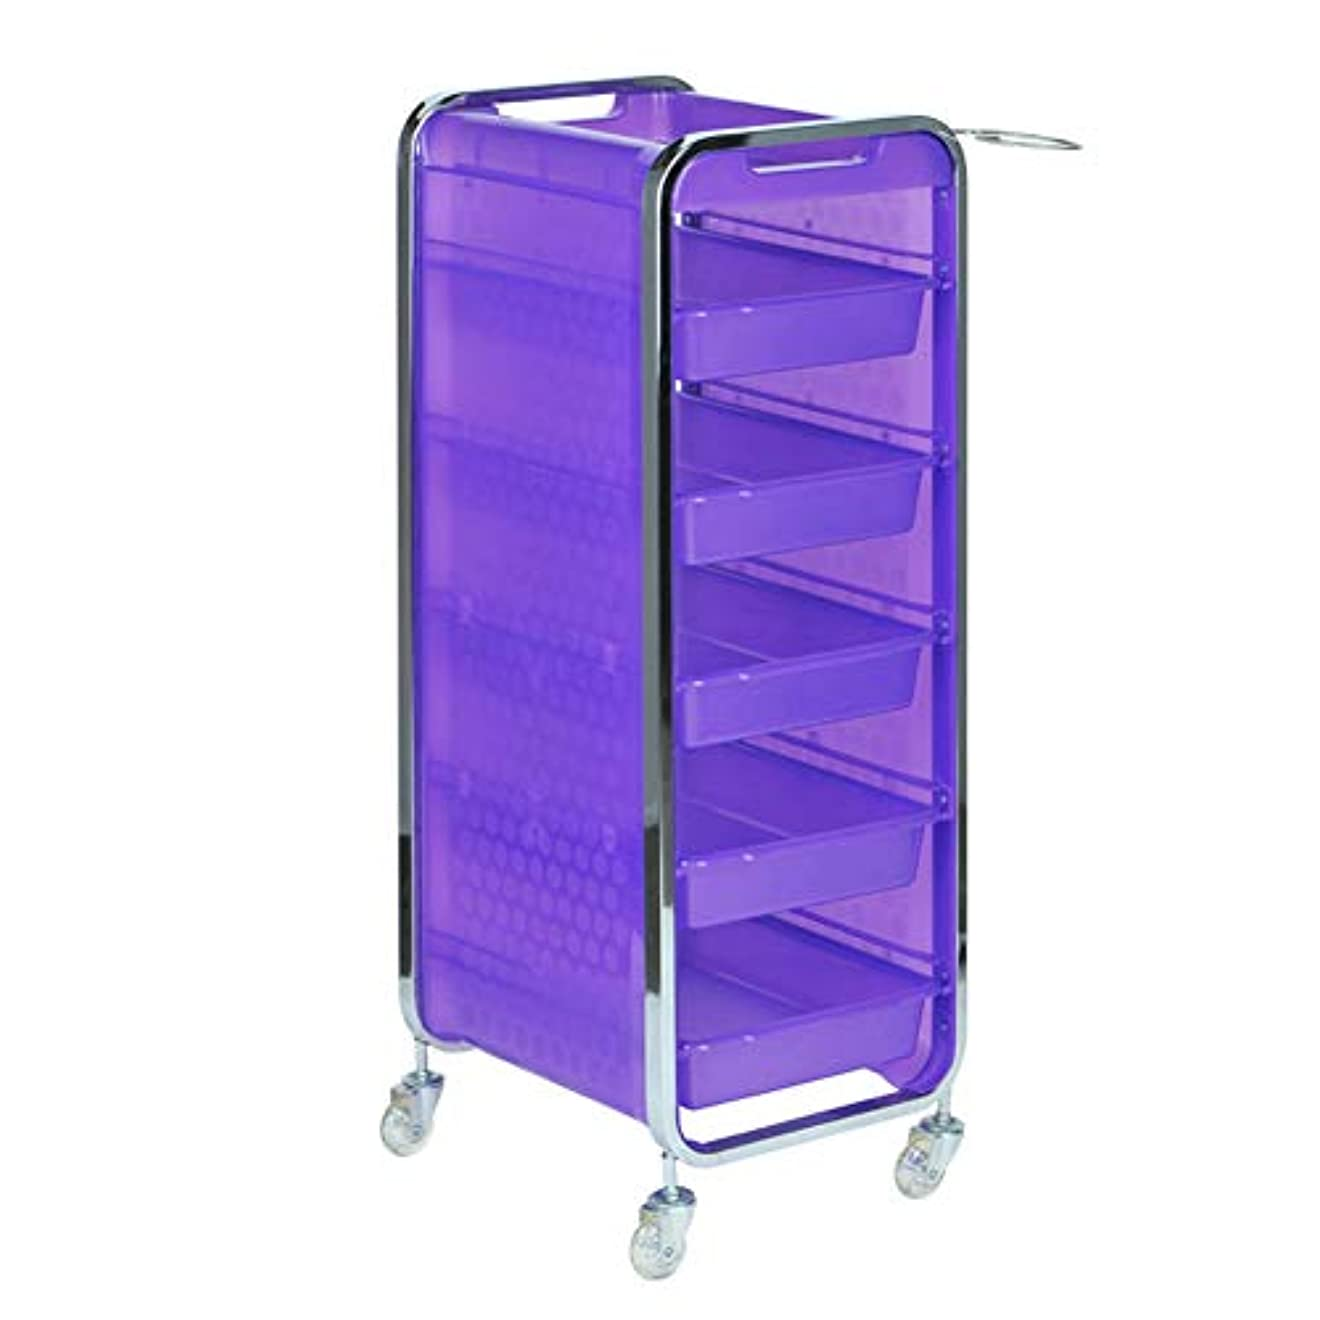 文字暴力的な背の高いサロン美容院トロリー美容美容収納カート6層トレイ多機能引き出し虹色,Purple,A